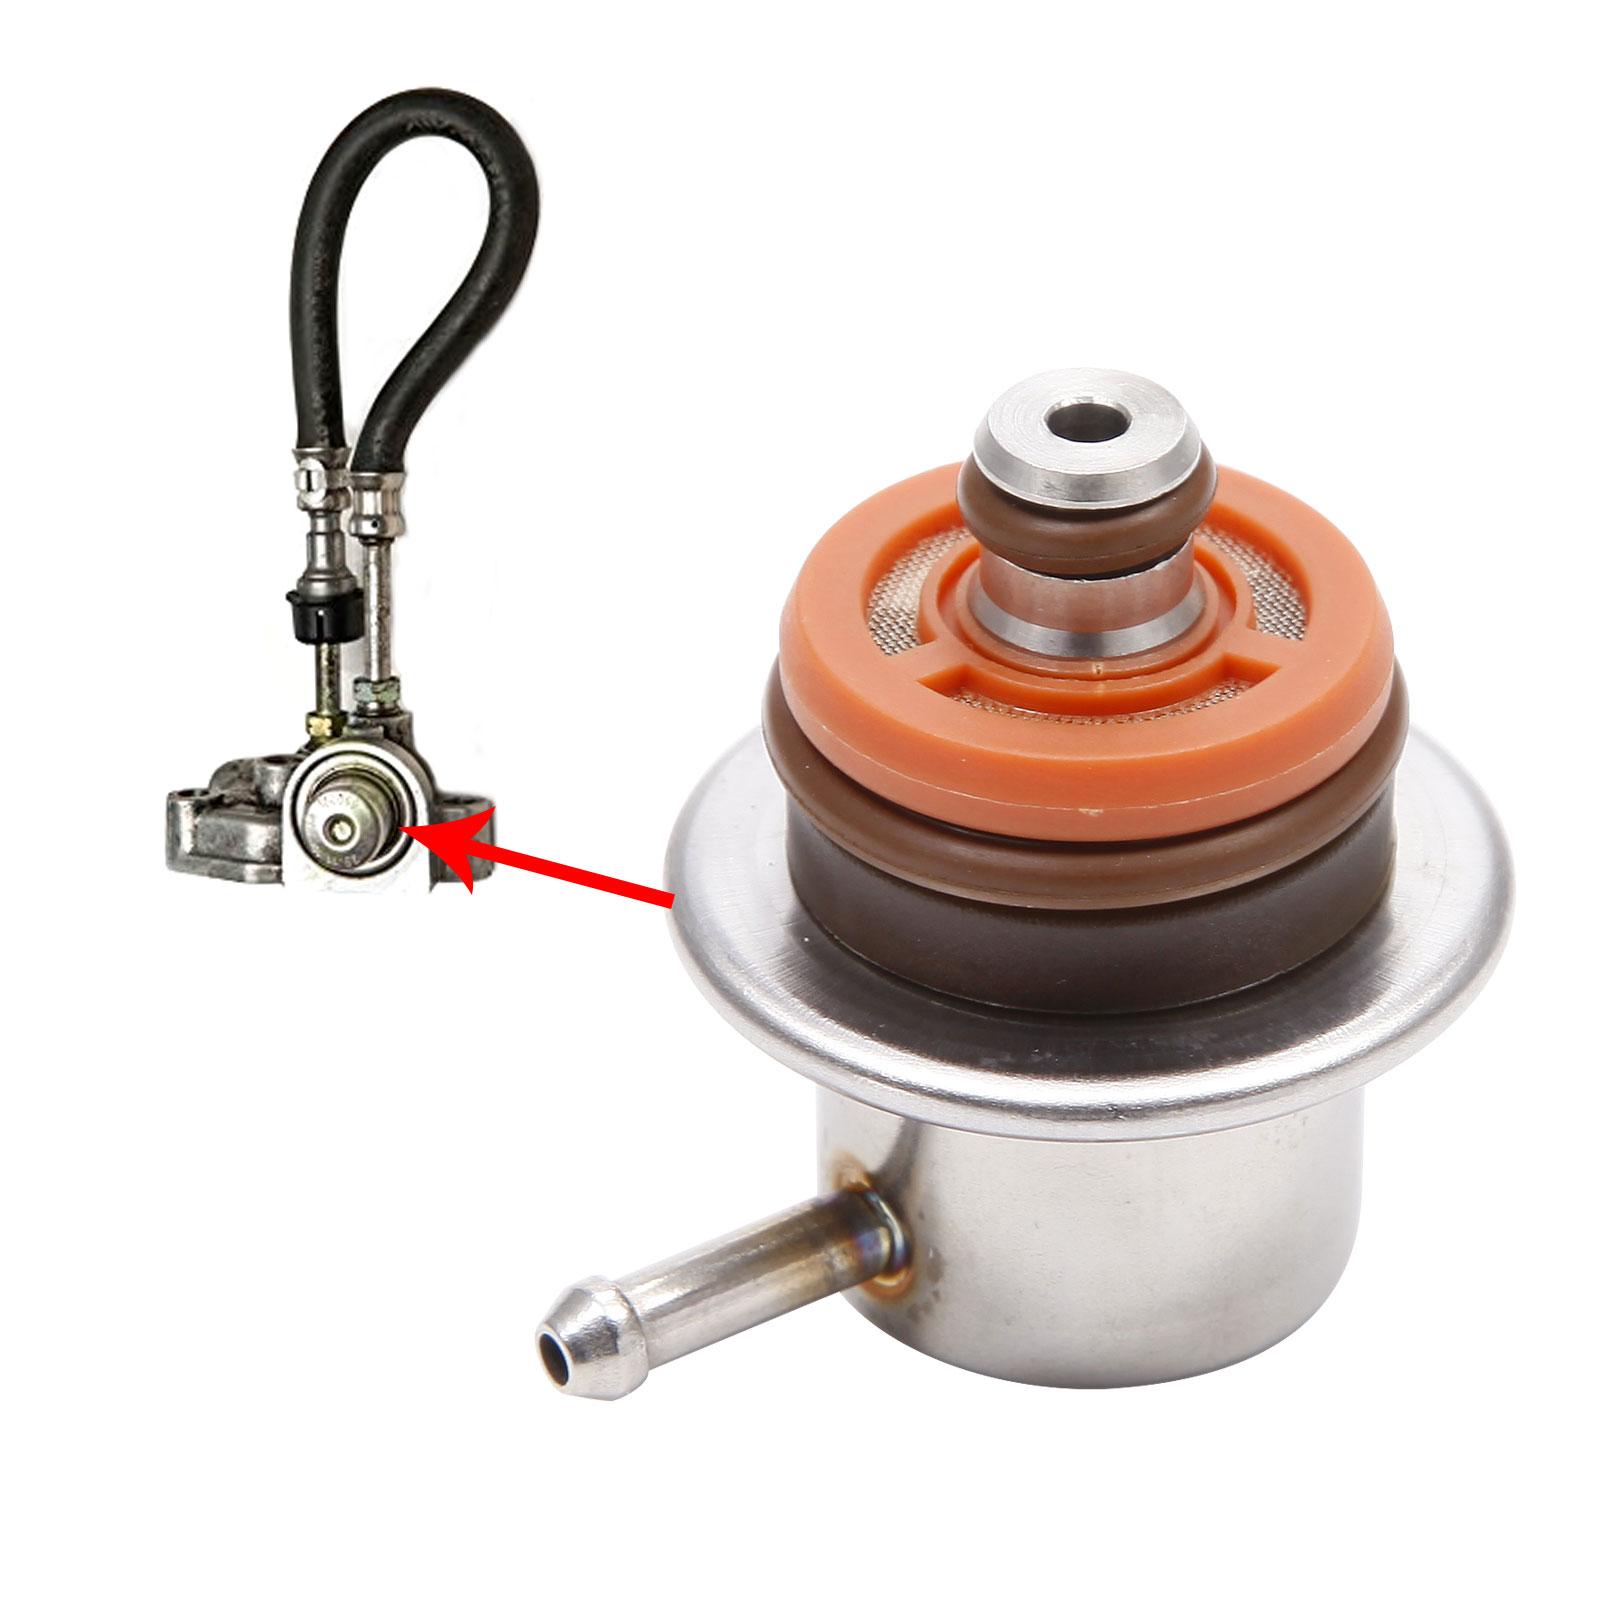 Kit Réparation pour régulateur carburant Land Rover Discovery TD5 LR016319